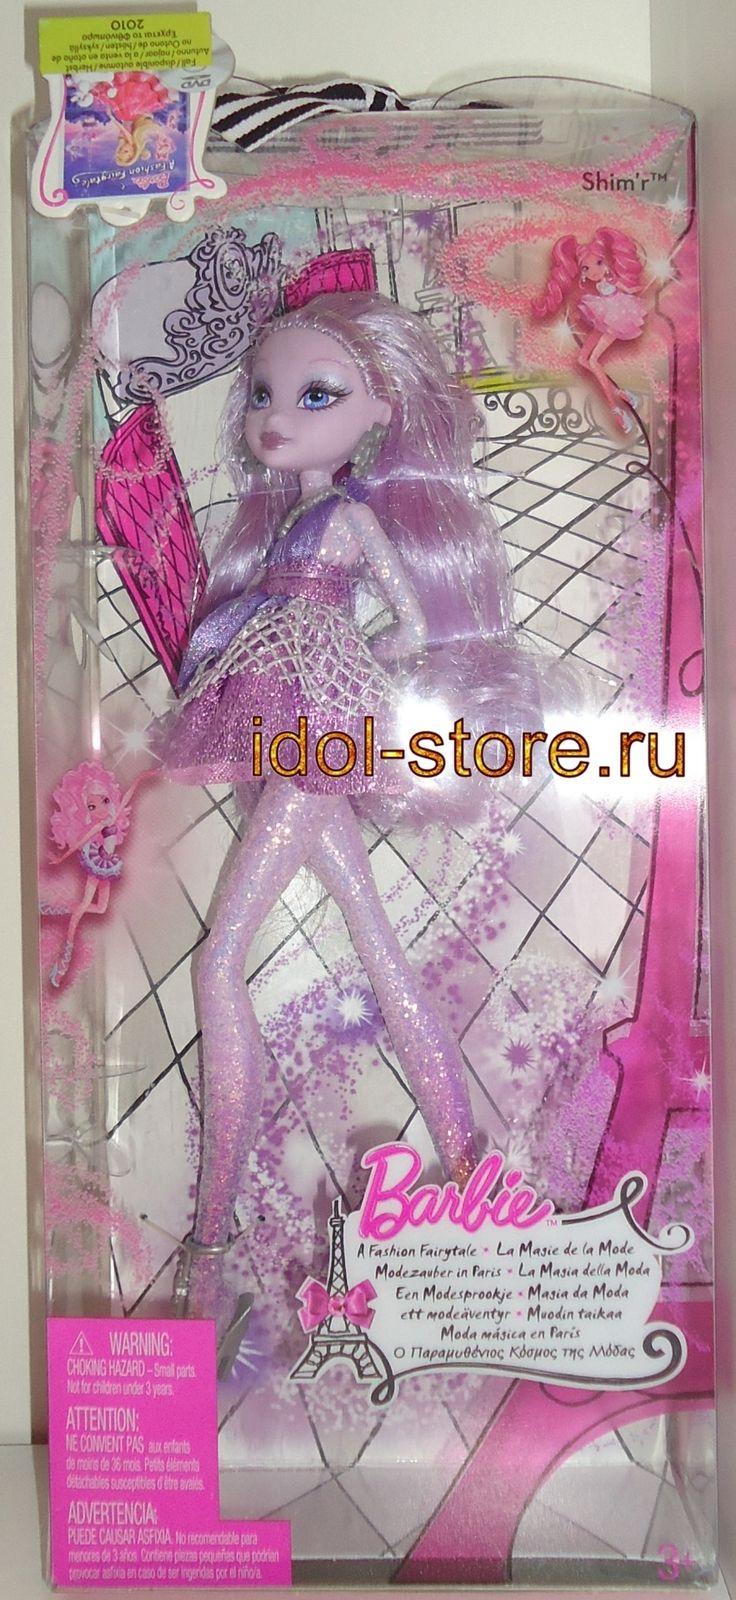 Barbie, A Fashion Fairytale Flairies - Shim'R Doll. Барби, кукла фея Шиммер. Серия: Сказочная Страна Моды * Сказочная Мода